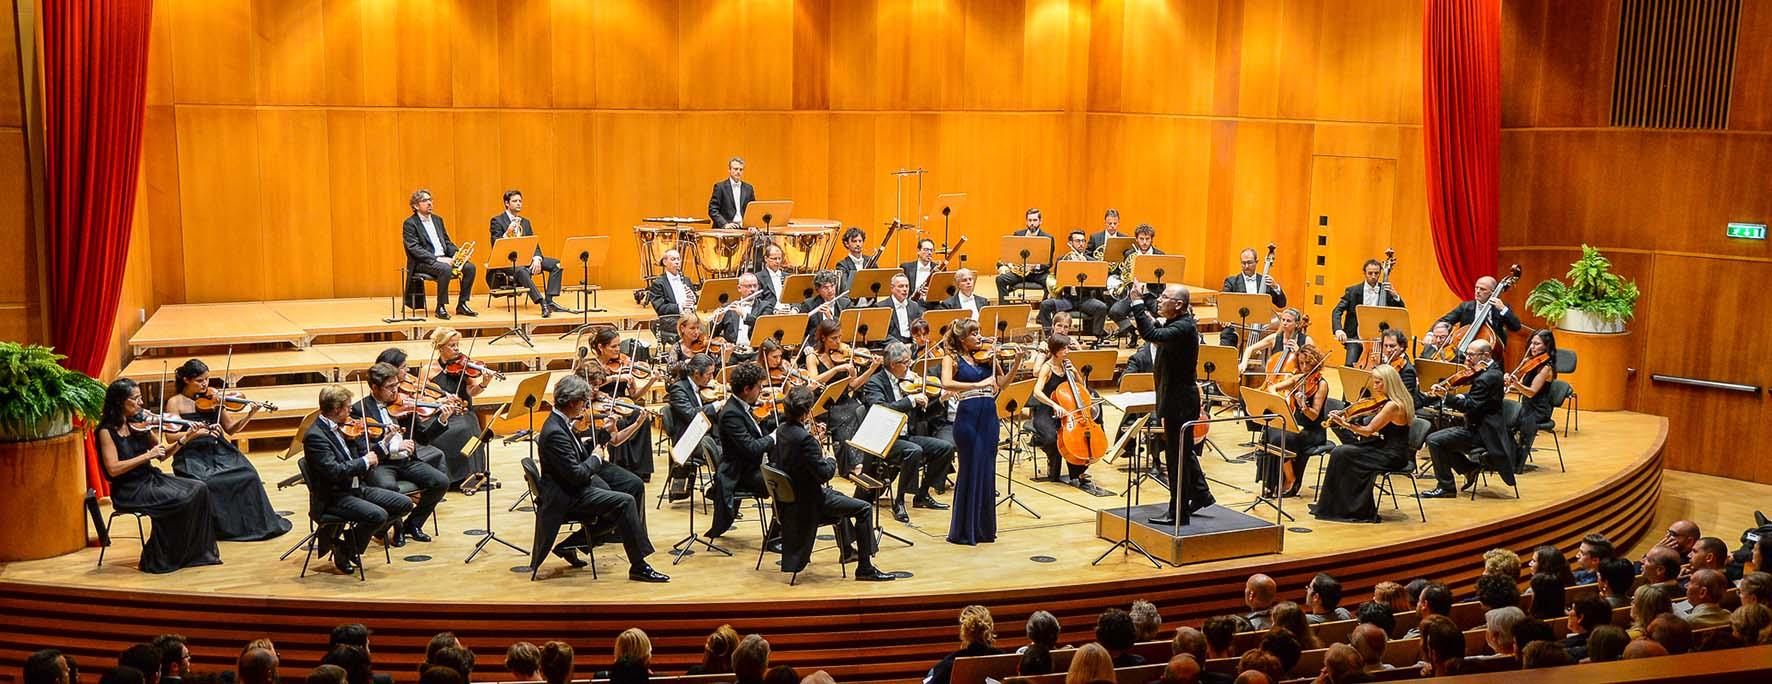 OrchestraHaydnOrchester direttore Arvo Volmer 2